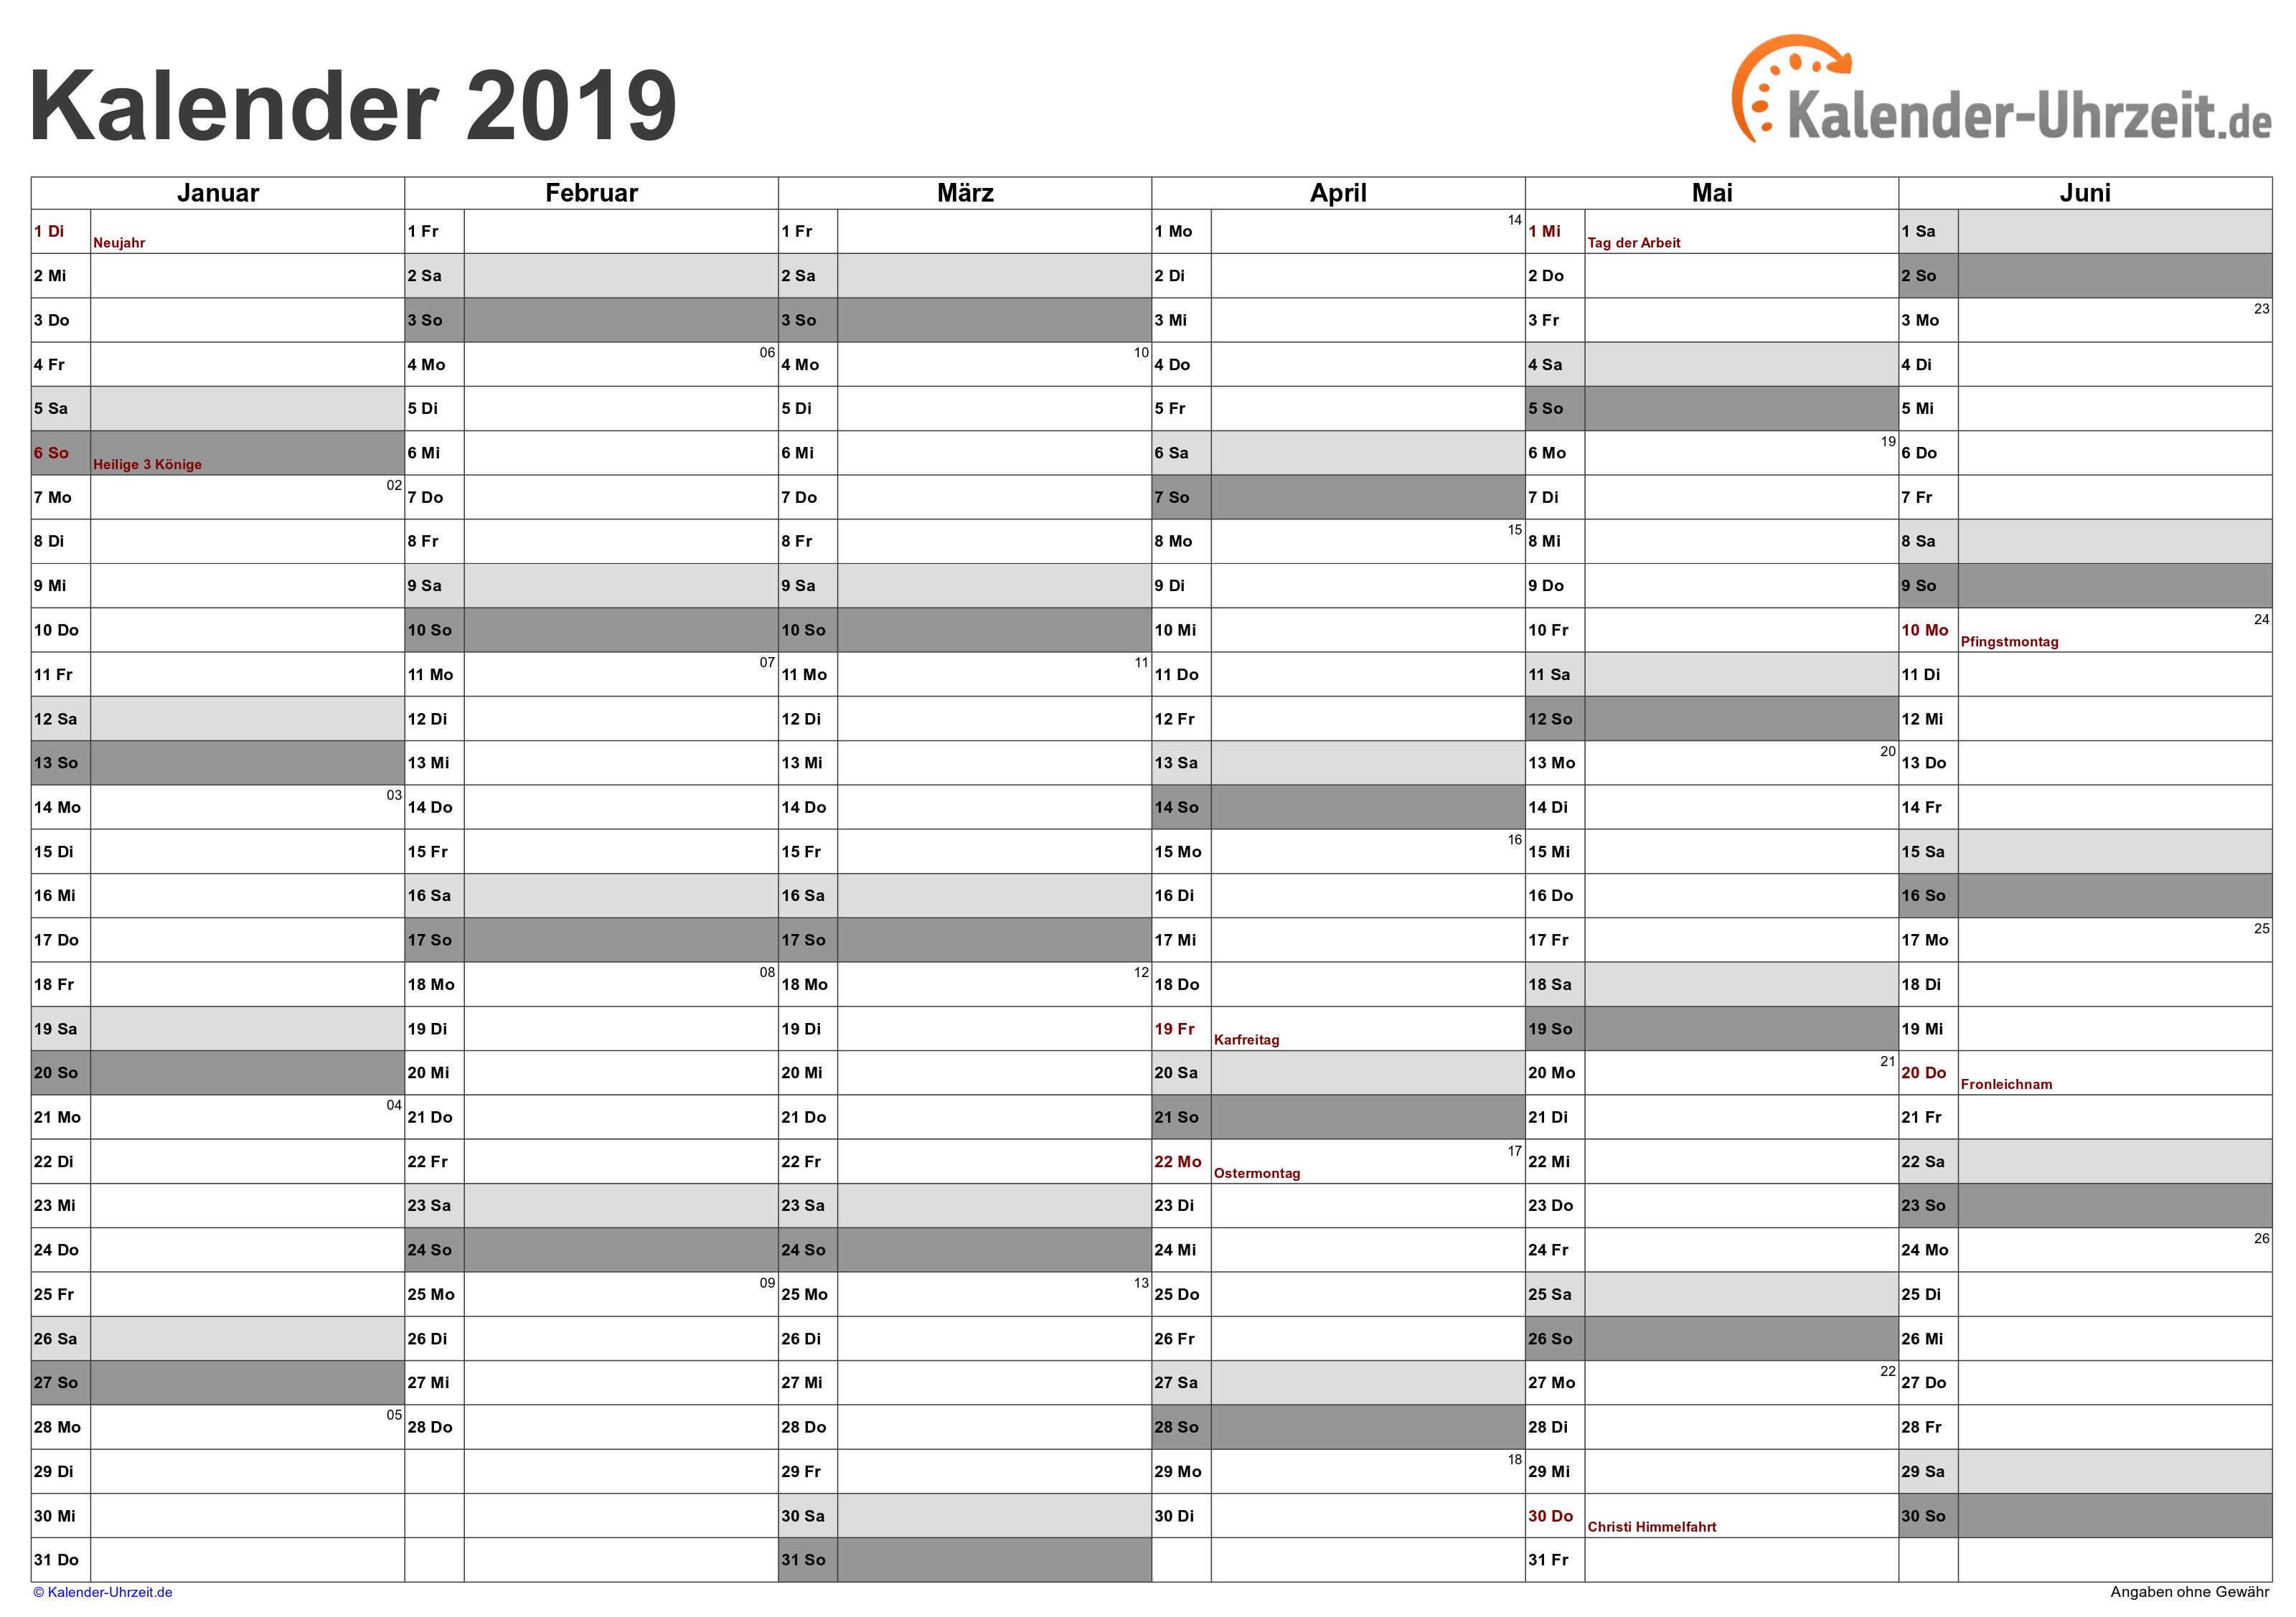 Halbjahreskalender 2019 - PDF-Vorlage 3 Vorschau